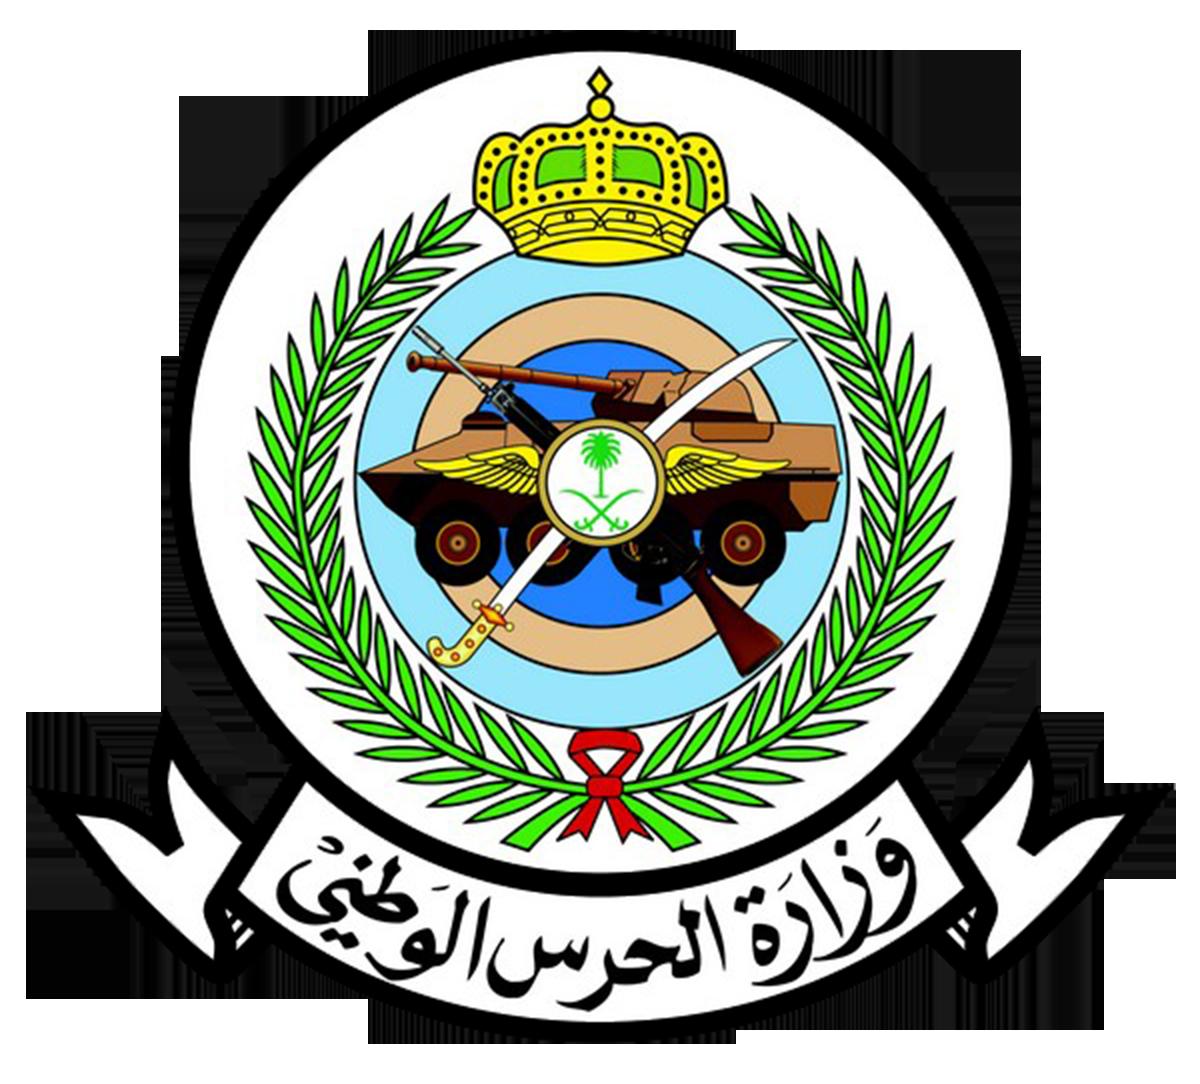 صور شعار الحرس الوطني السعودي جديدة 1